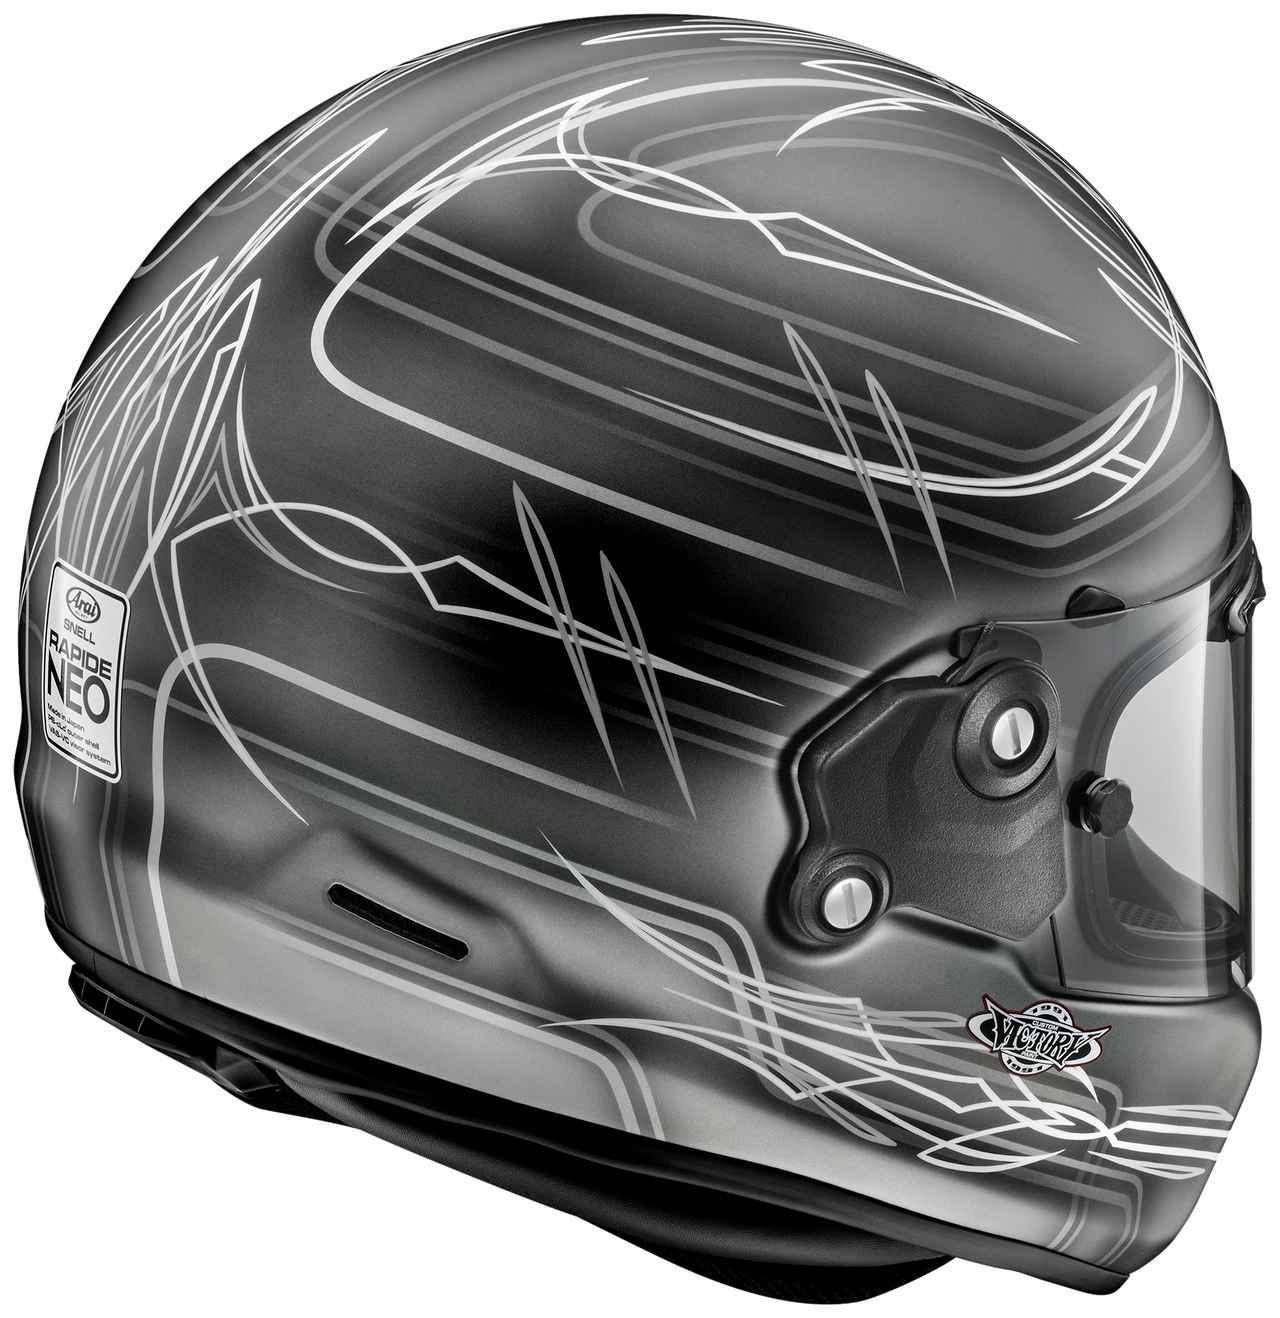 画像2: アライヘルメット「ラパイド・ネオ」2020デザイナーズシリーズ第3弾! いろいろなバイクに似合いそうな〈ビスタ〉が登場